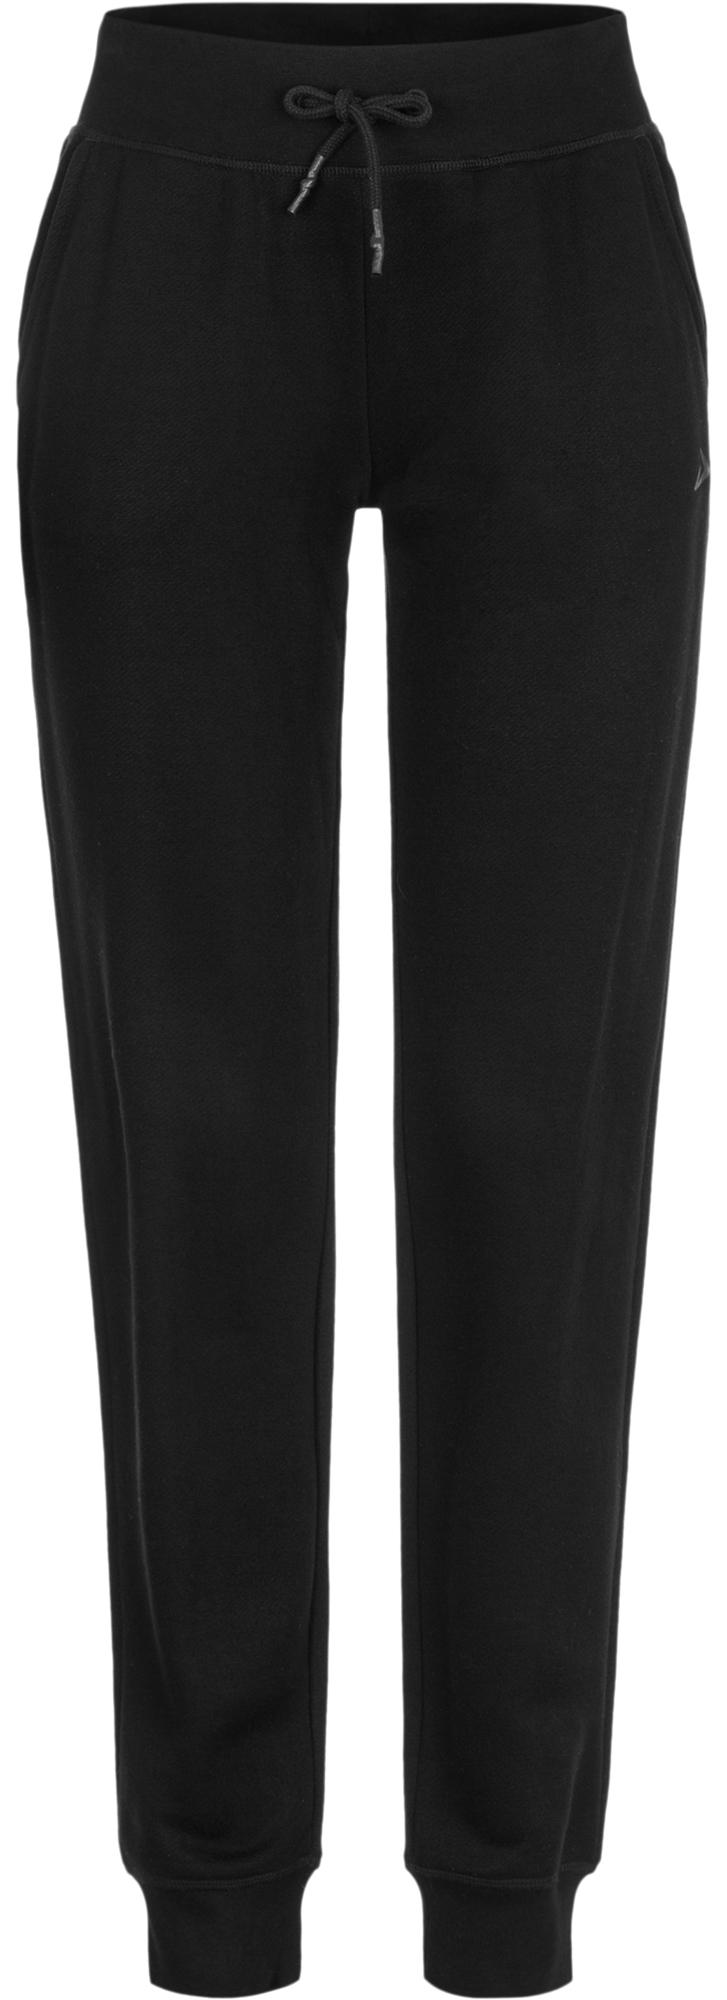 Demix Брюки женские Demix, размер 50 женские брюки 042b 1111